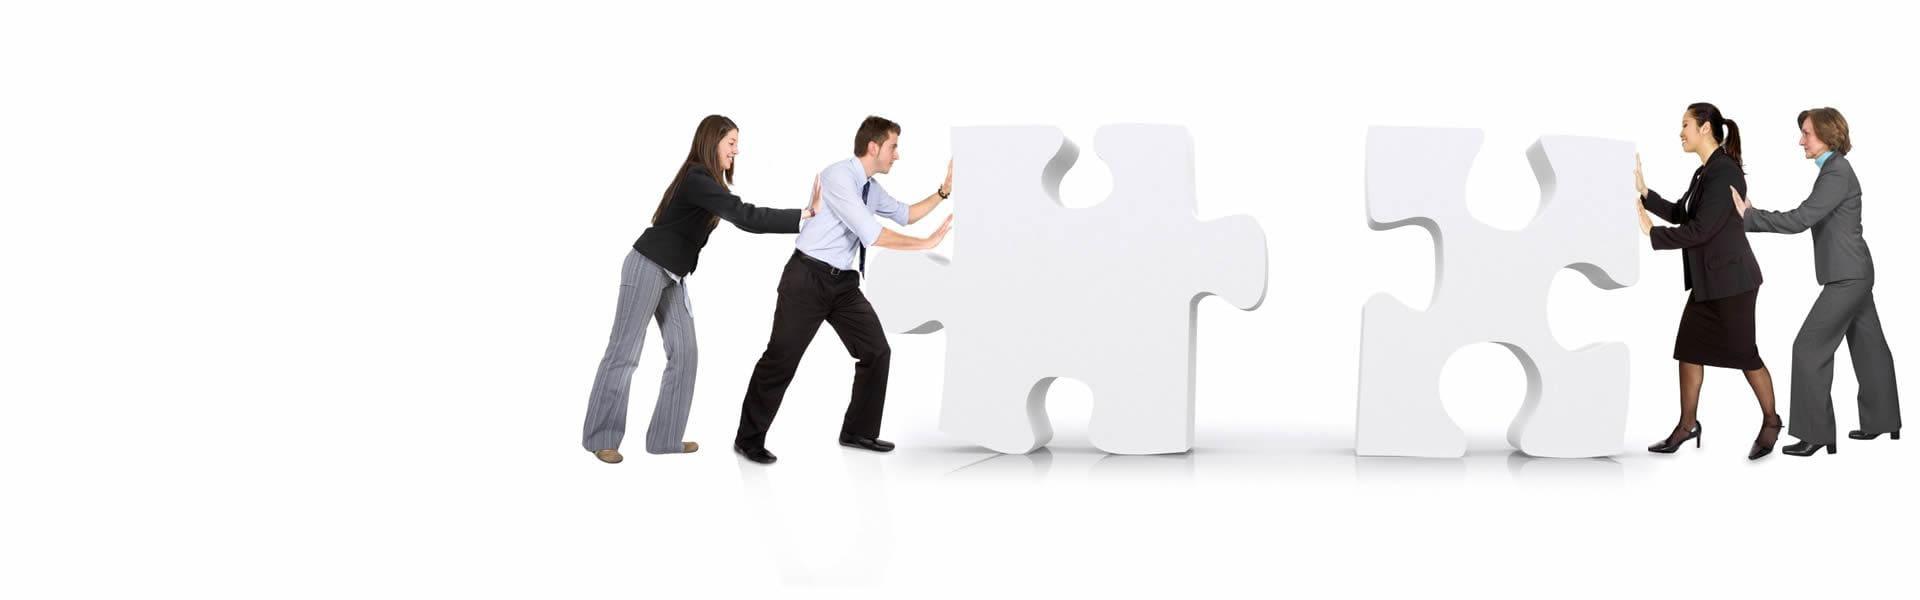 Planejando o crescimento da sua empresa?